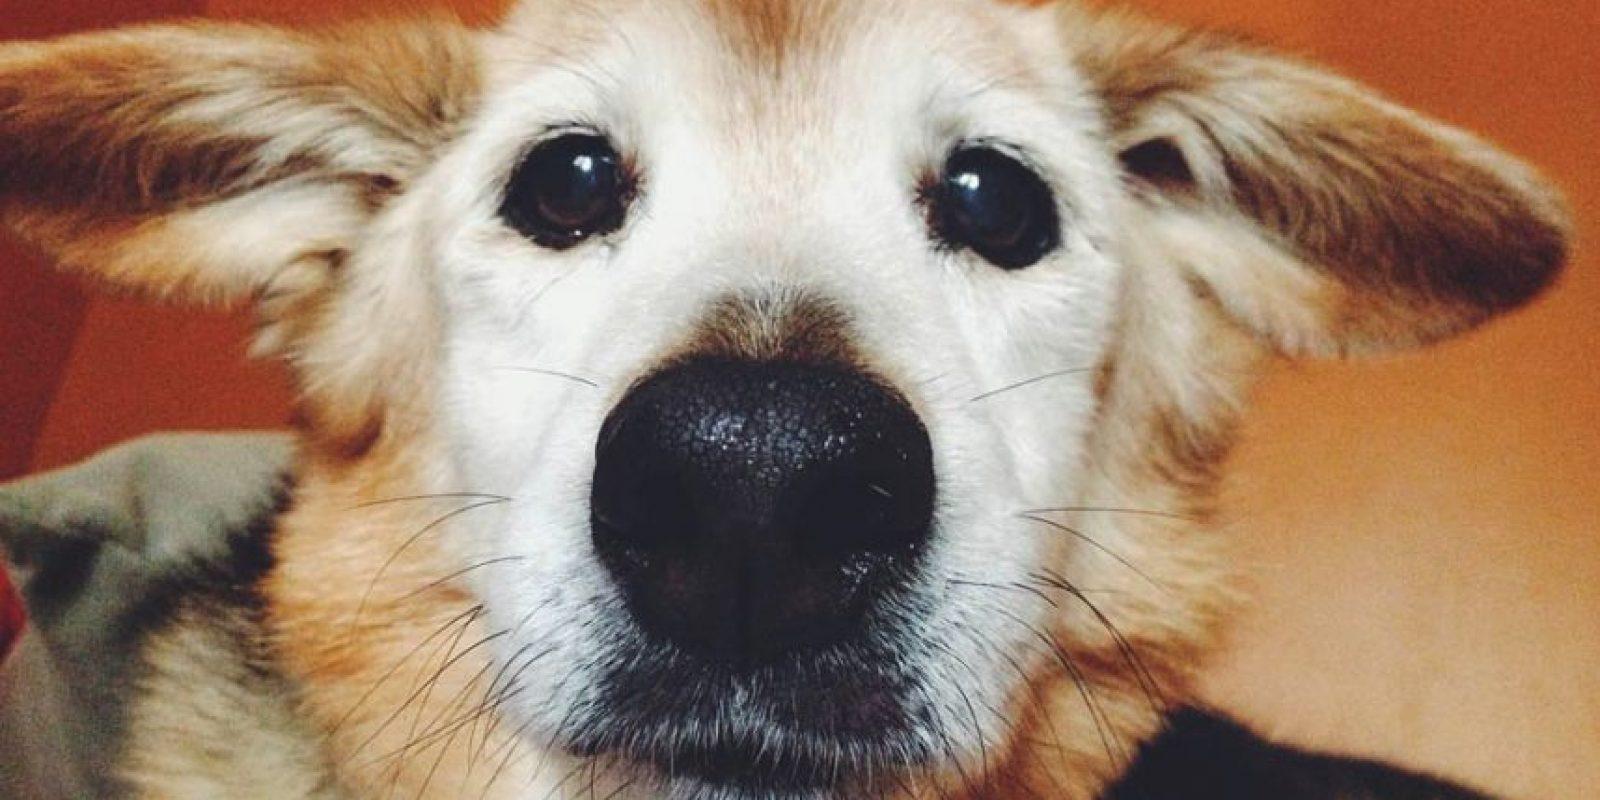 Esta foto ganó el consurso de Pet Selfie del consultorio de veterinario al que iba Chubby. Foto:Vía www.mariacsharp.com/blog